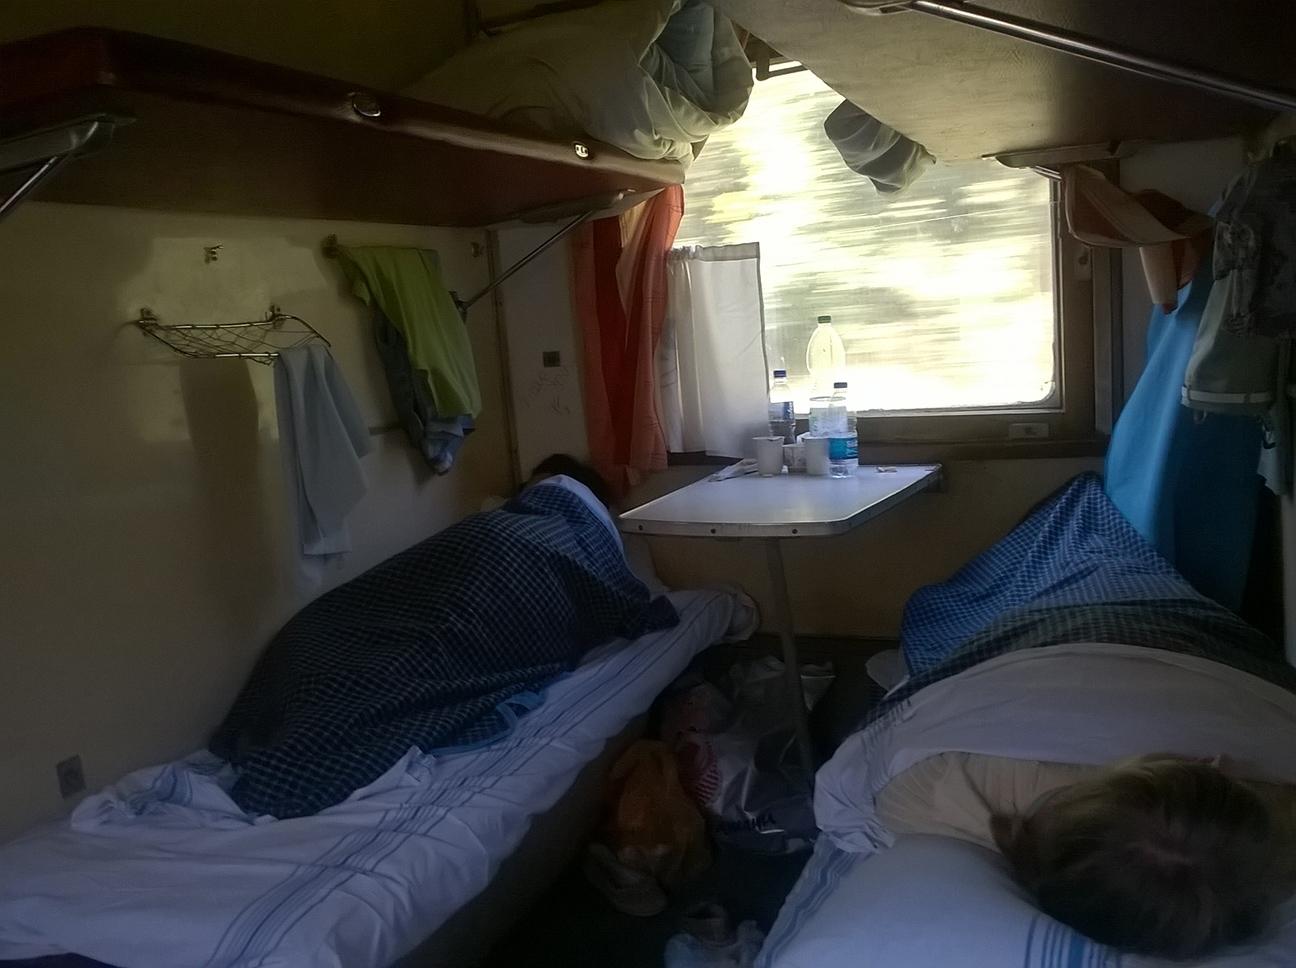 Спящие пассажиры в плацкартном вагоне